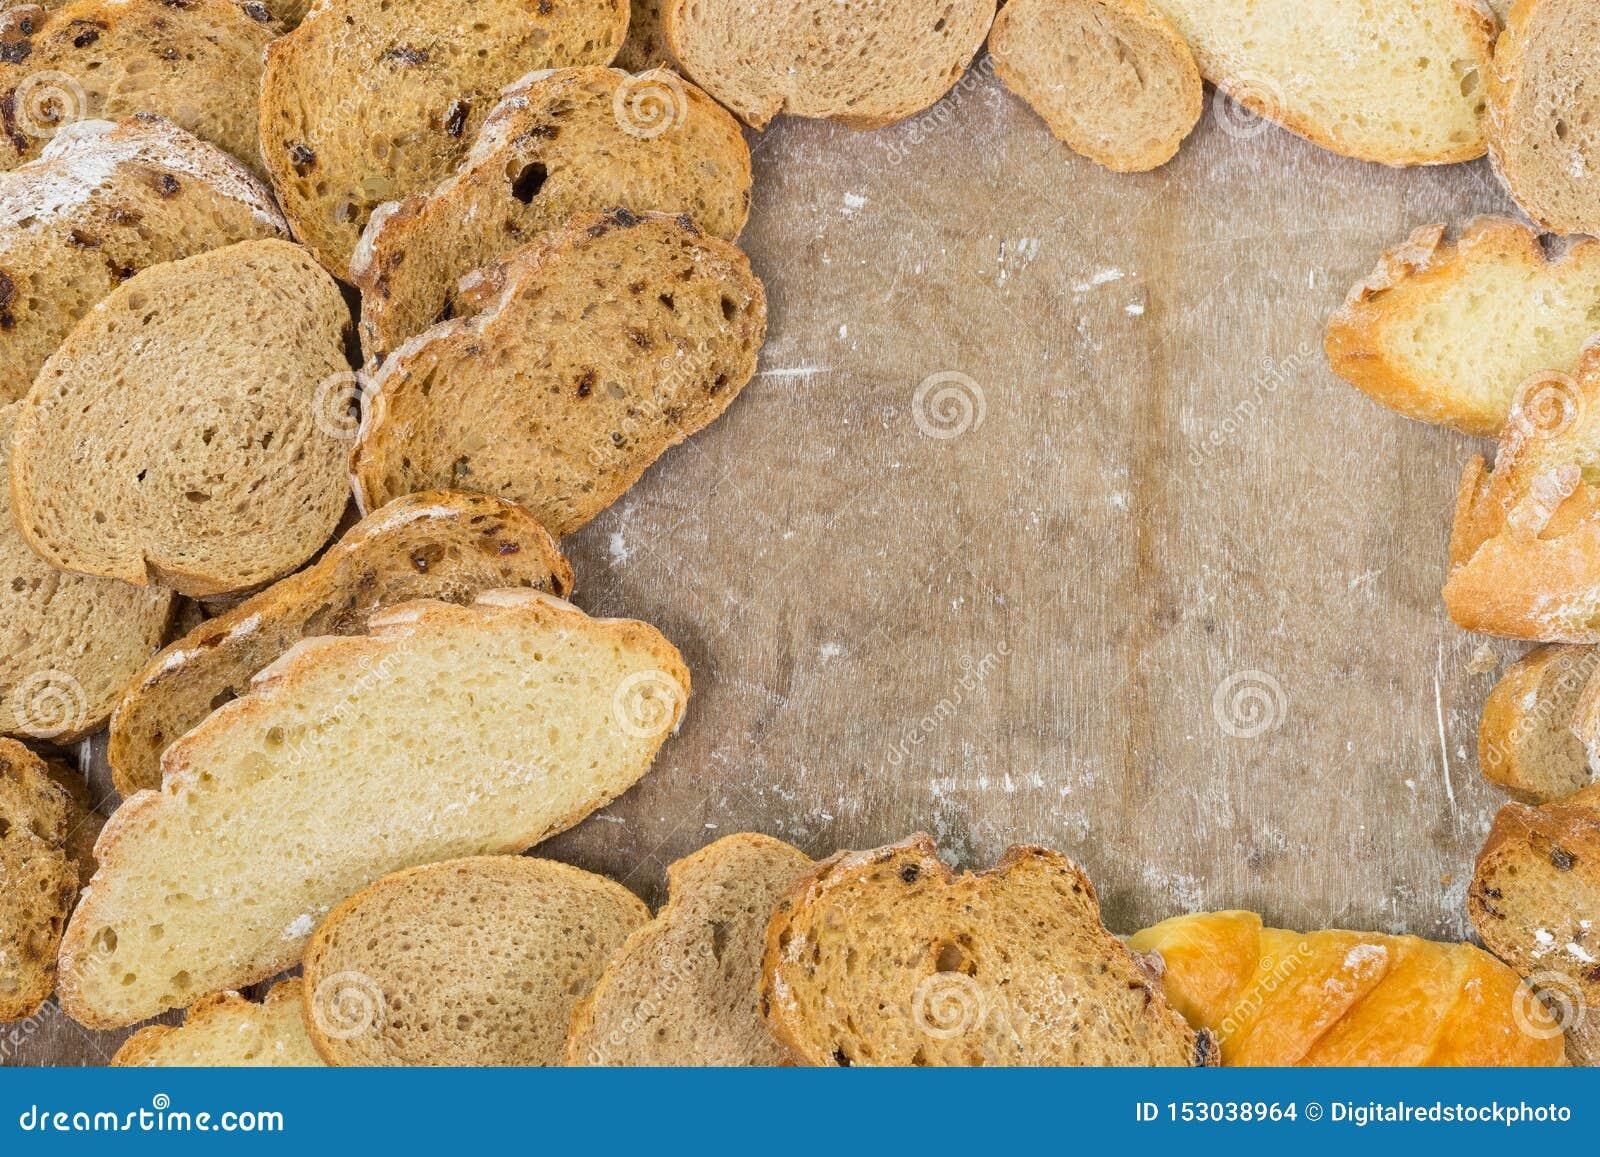 H?rnchen und Brot